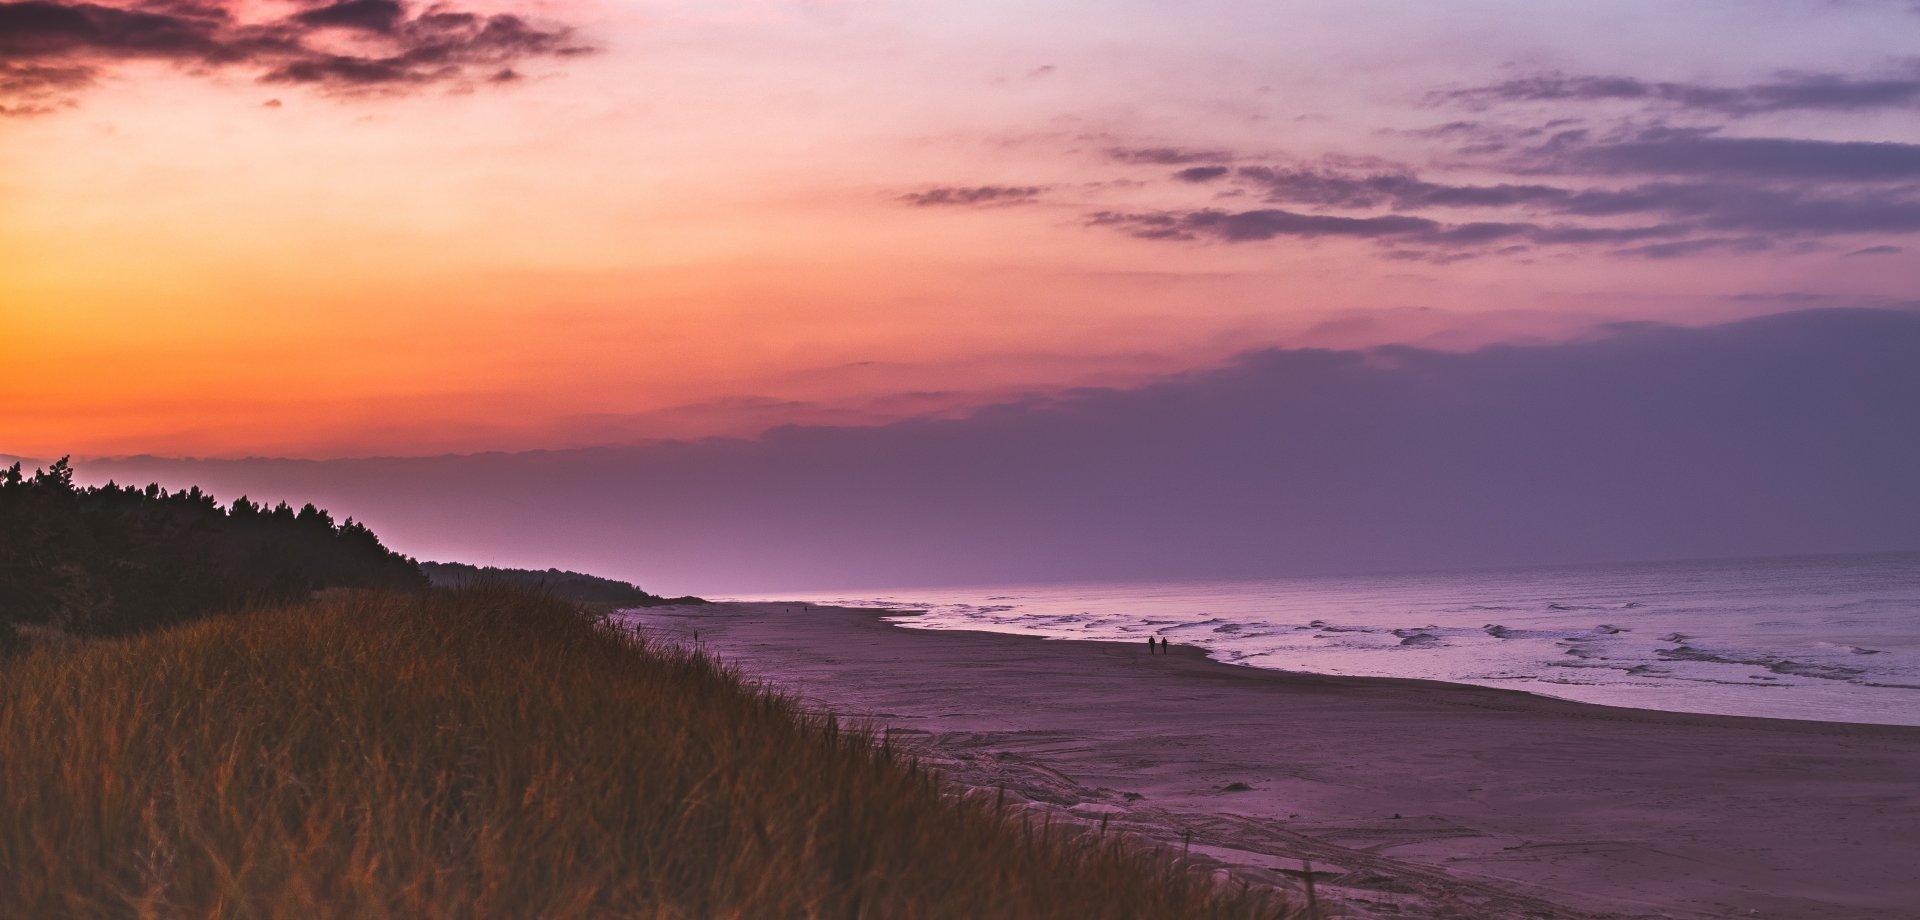 Pomysły na aktywną majówkę nad morzem – dlaczego warto odwiedzić Dolinę Charlotty?